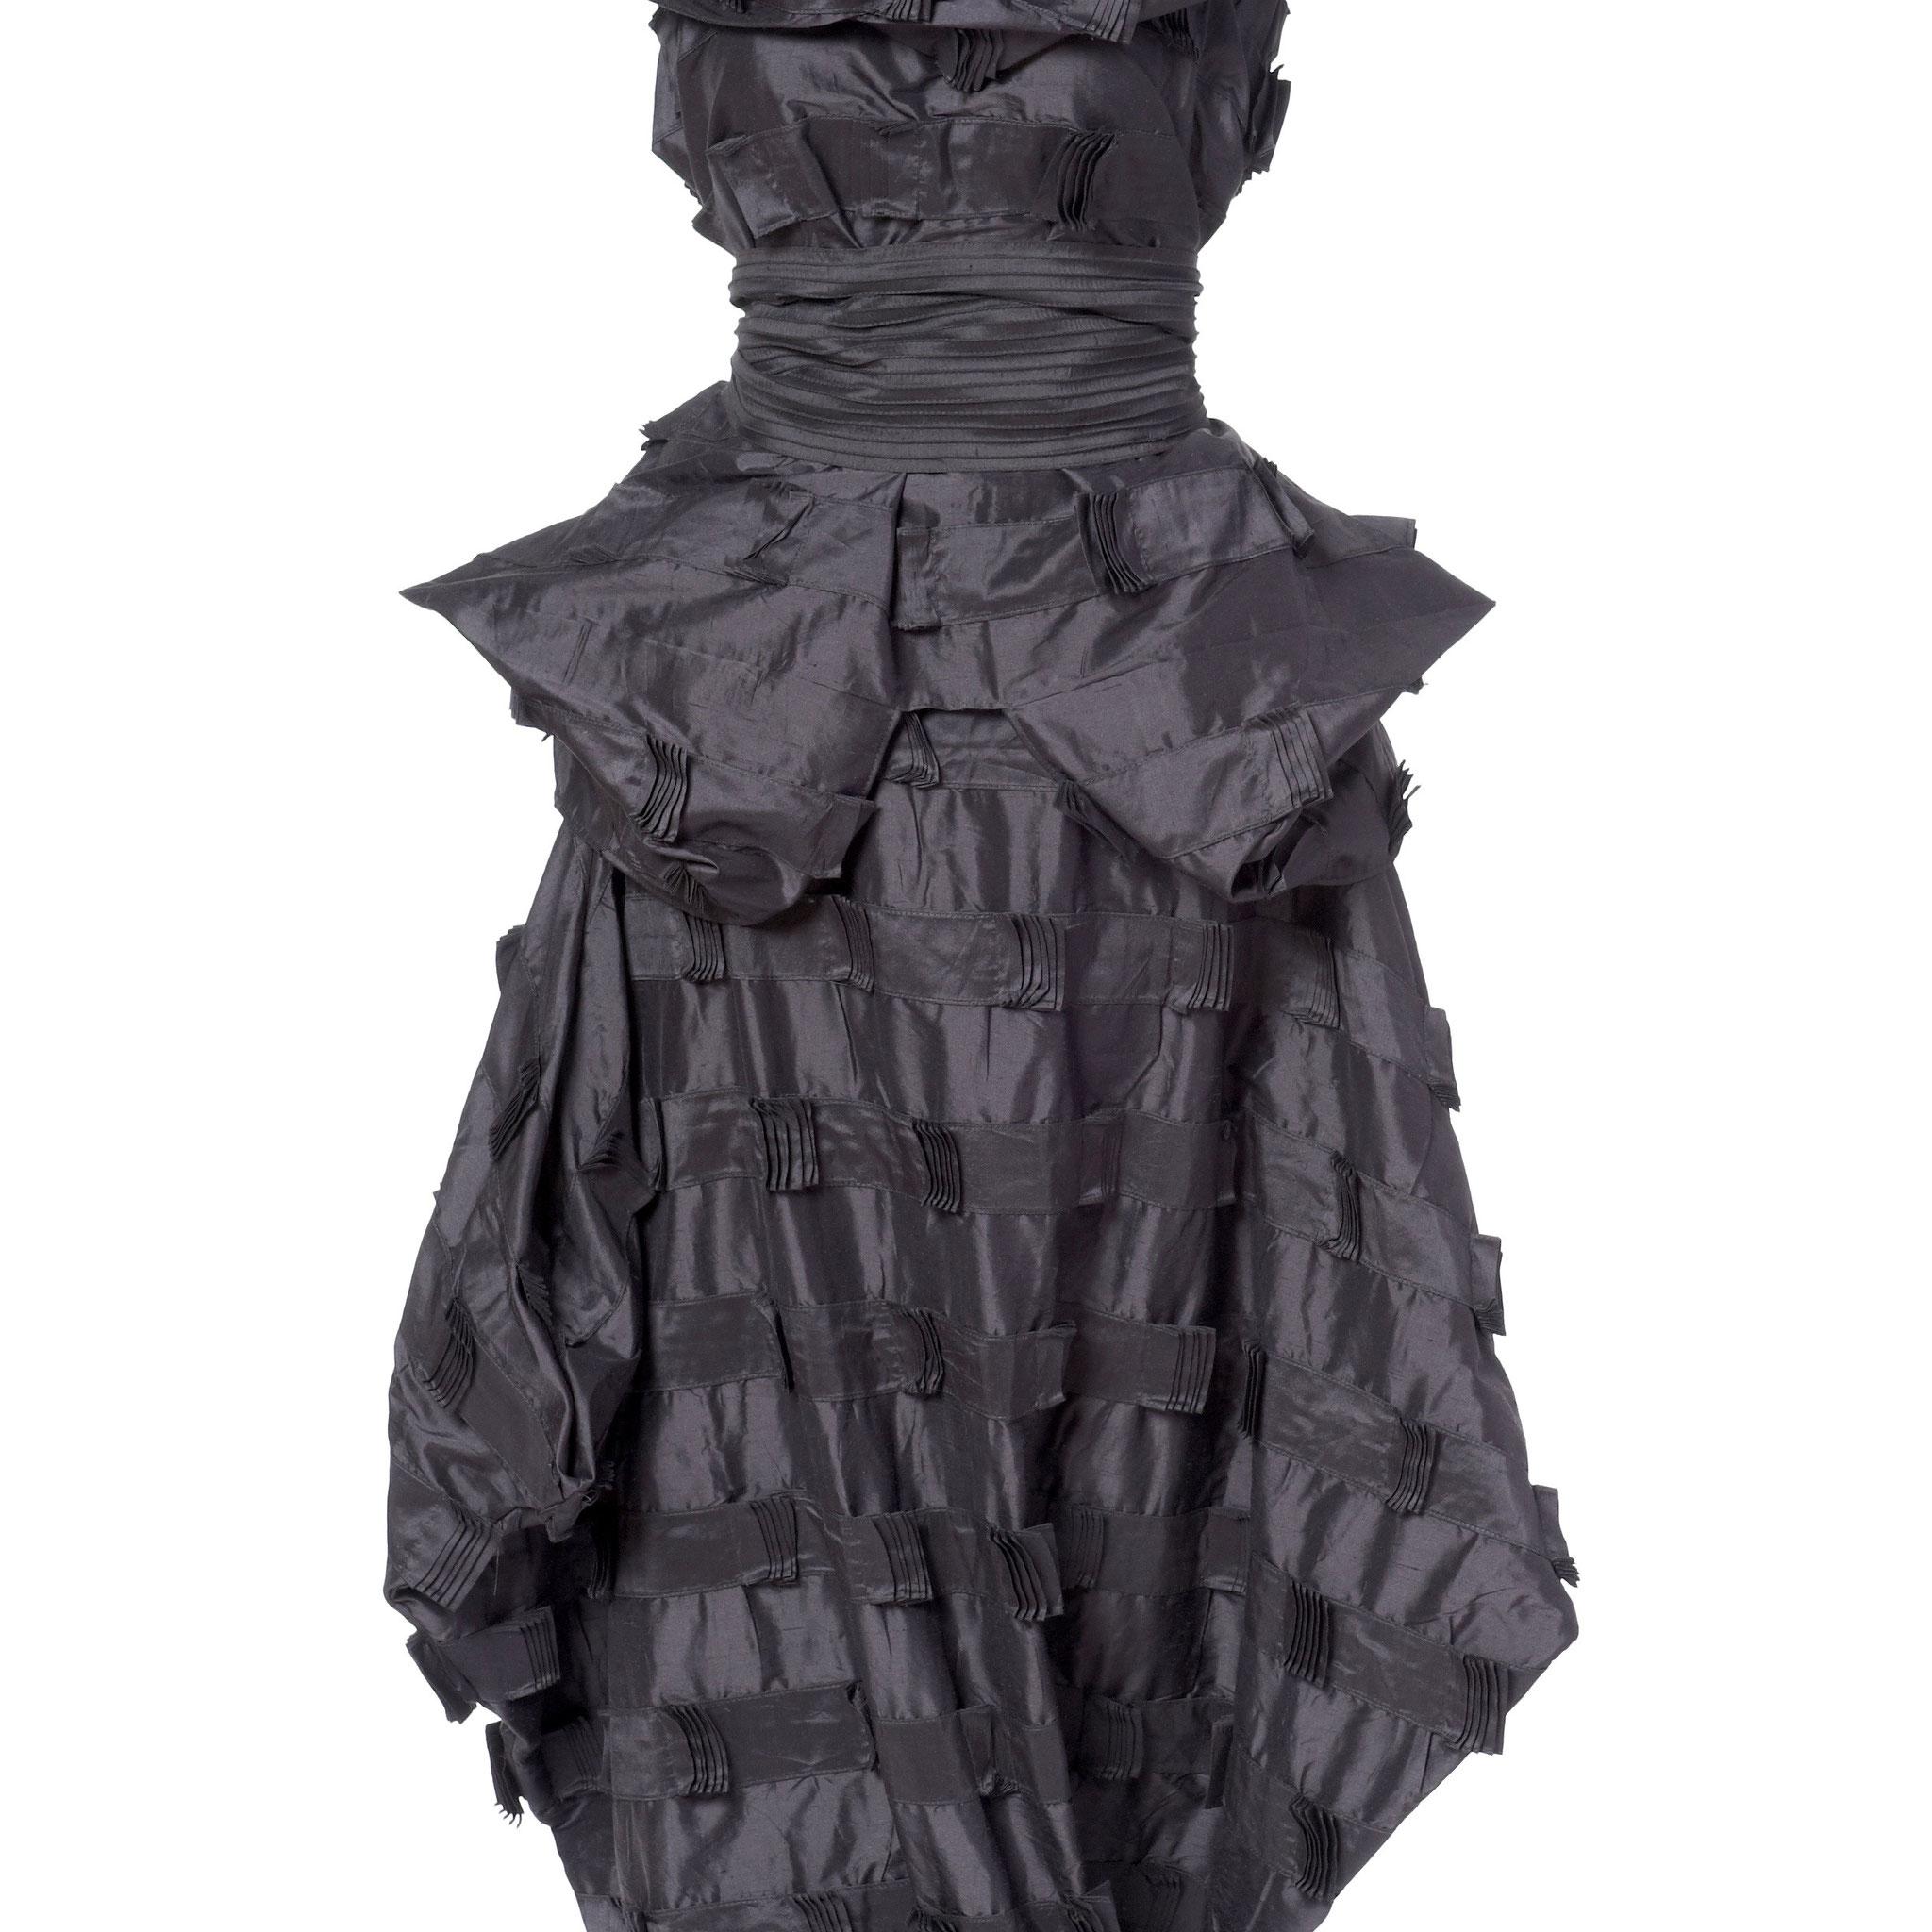 3-teiliges Outfit: Rock, Oberteil, Schal, Schärpe. Material: Seide mit Laschen bestickt